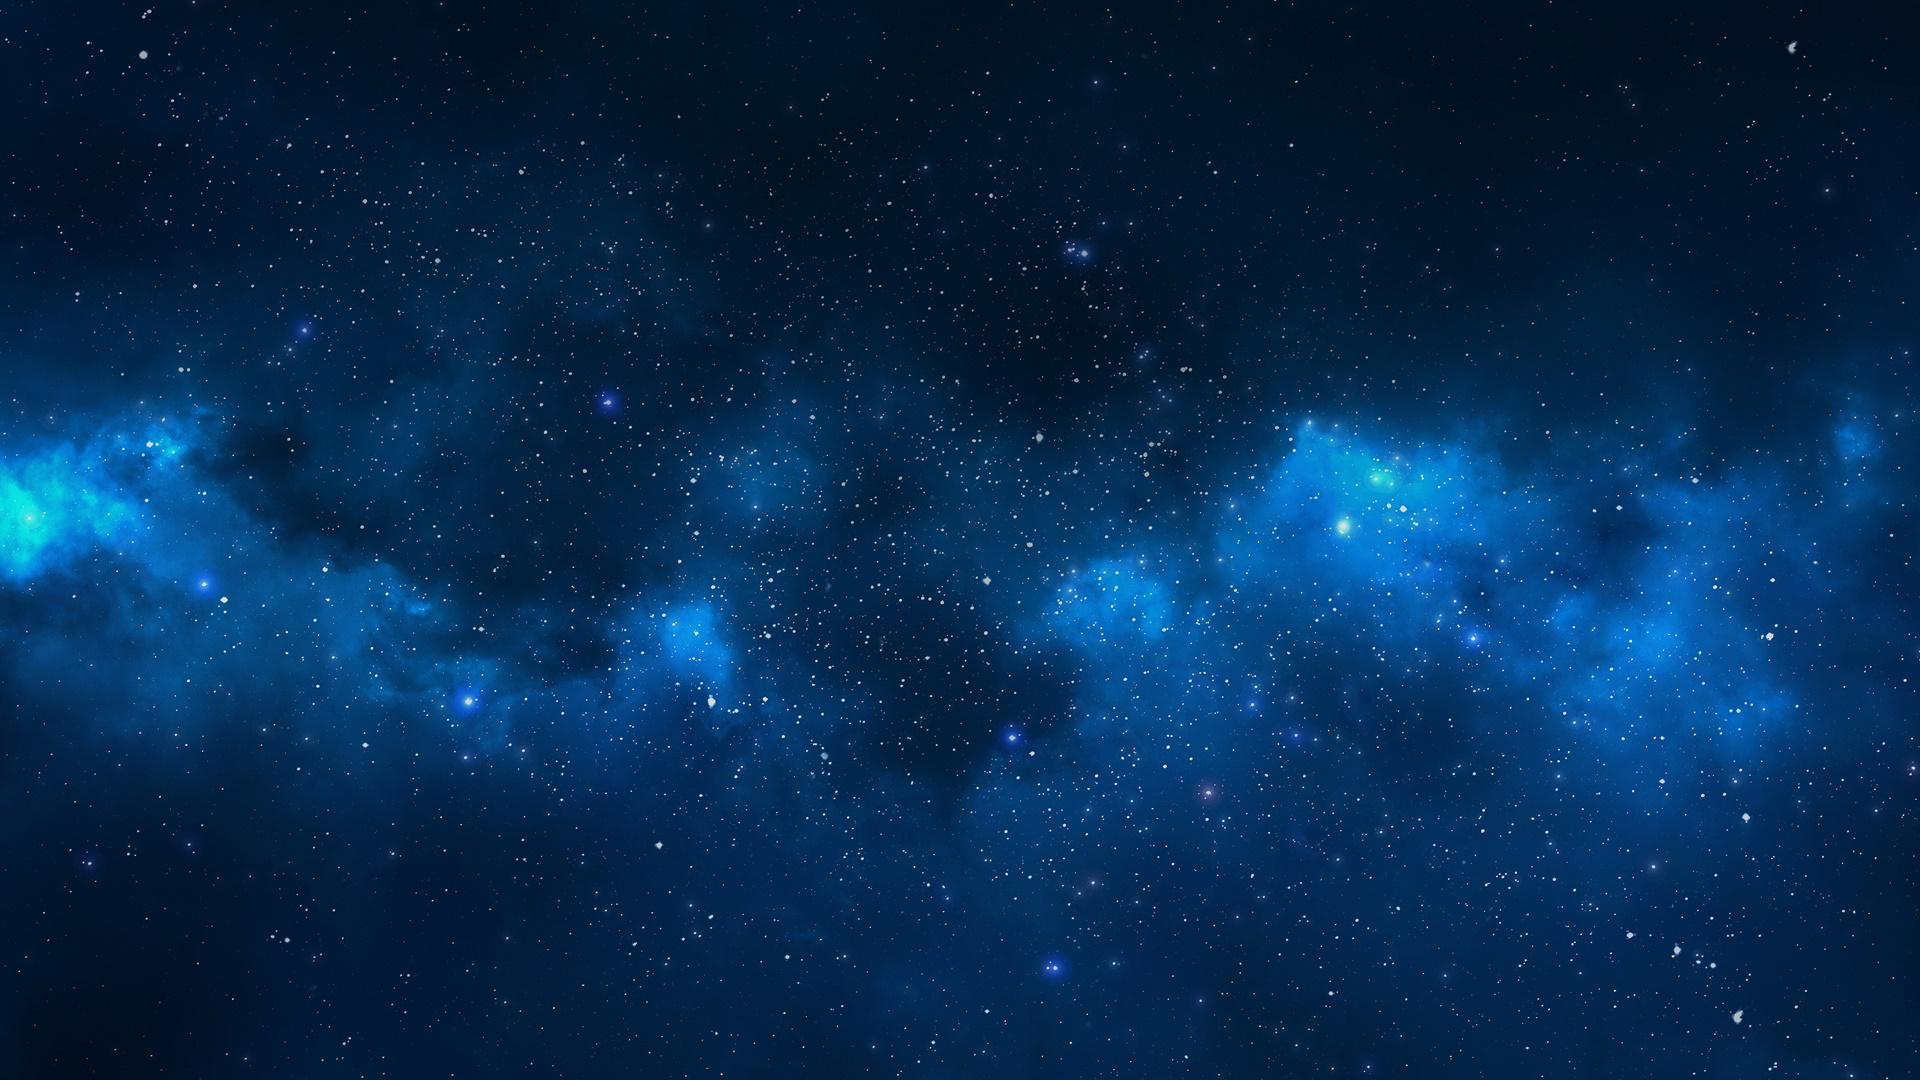 Hình galaxy vũ trụ